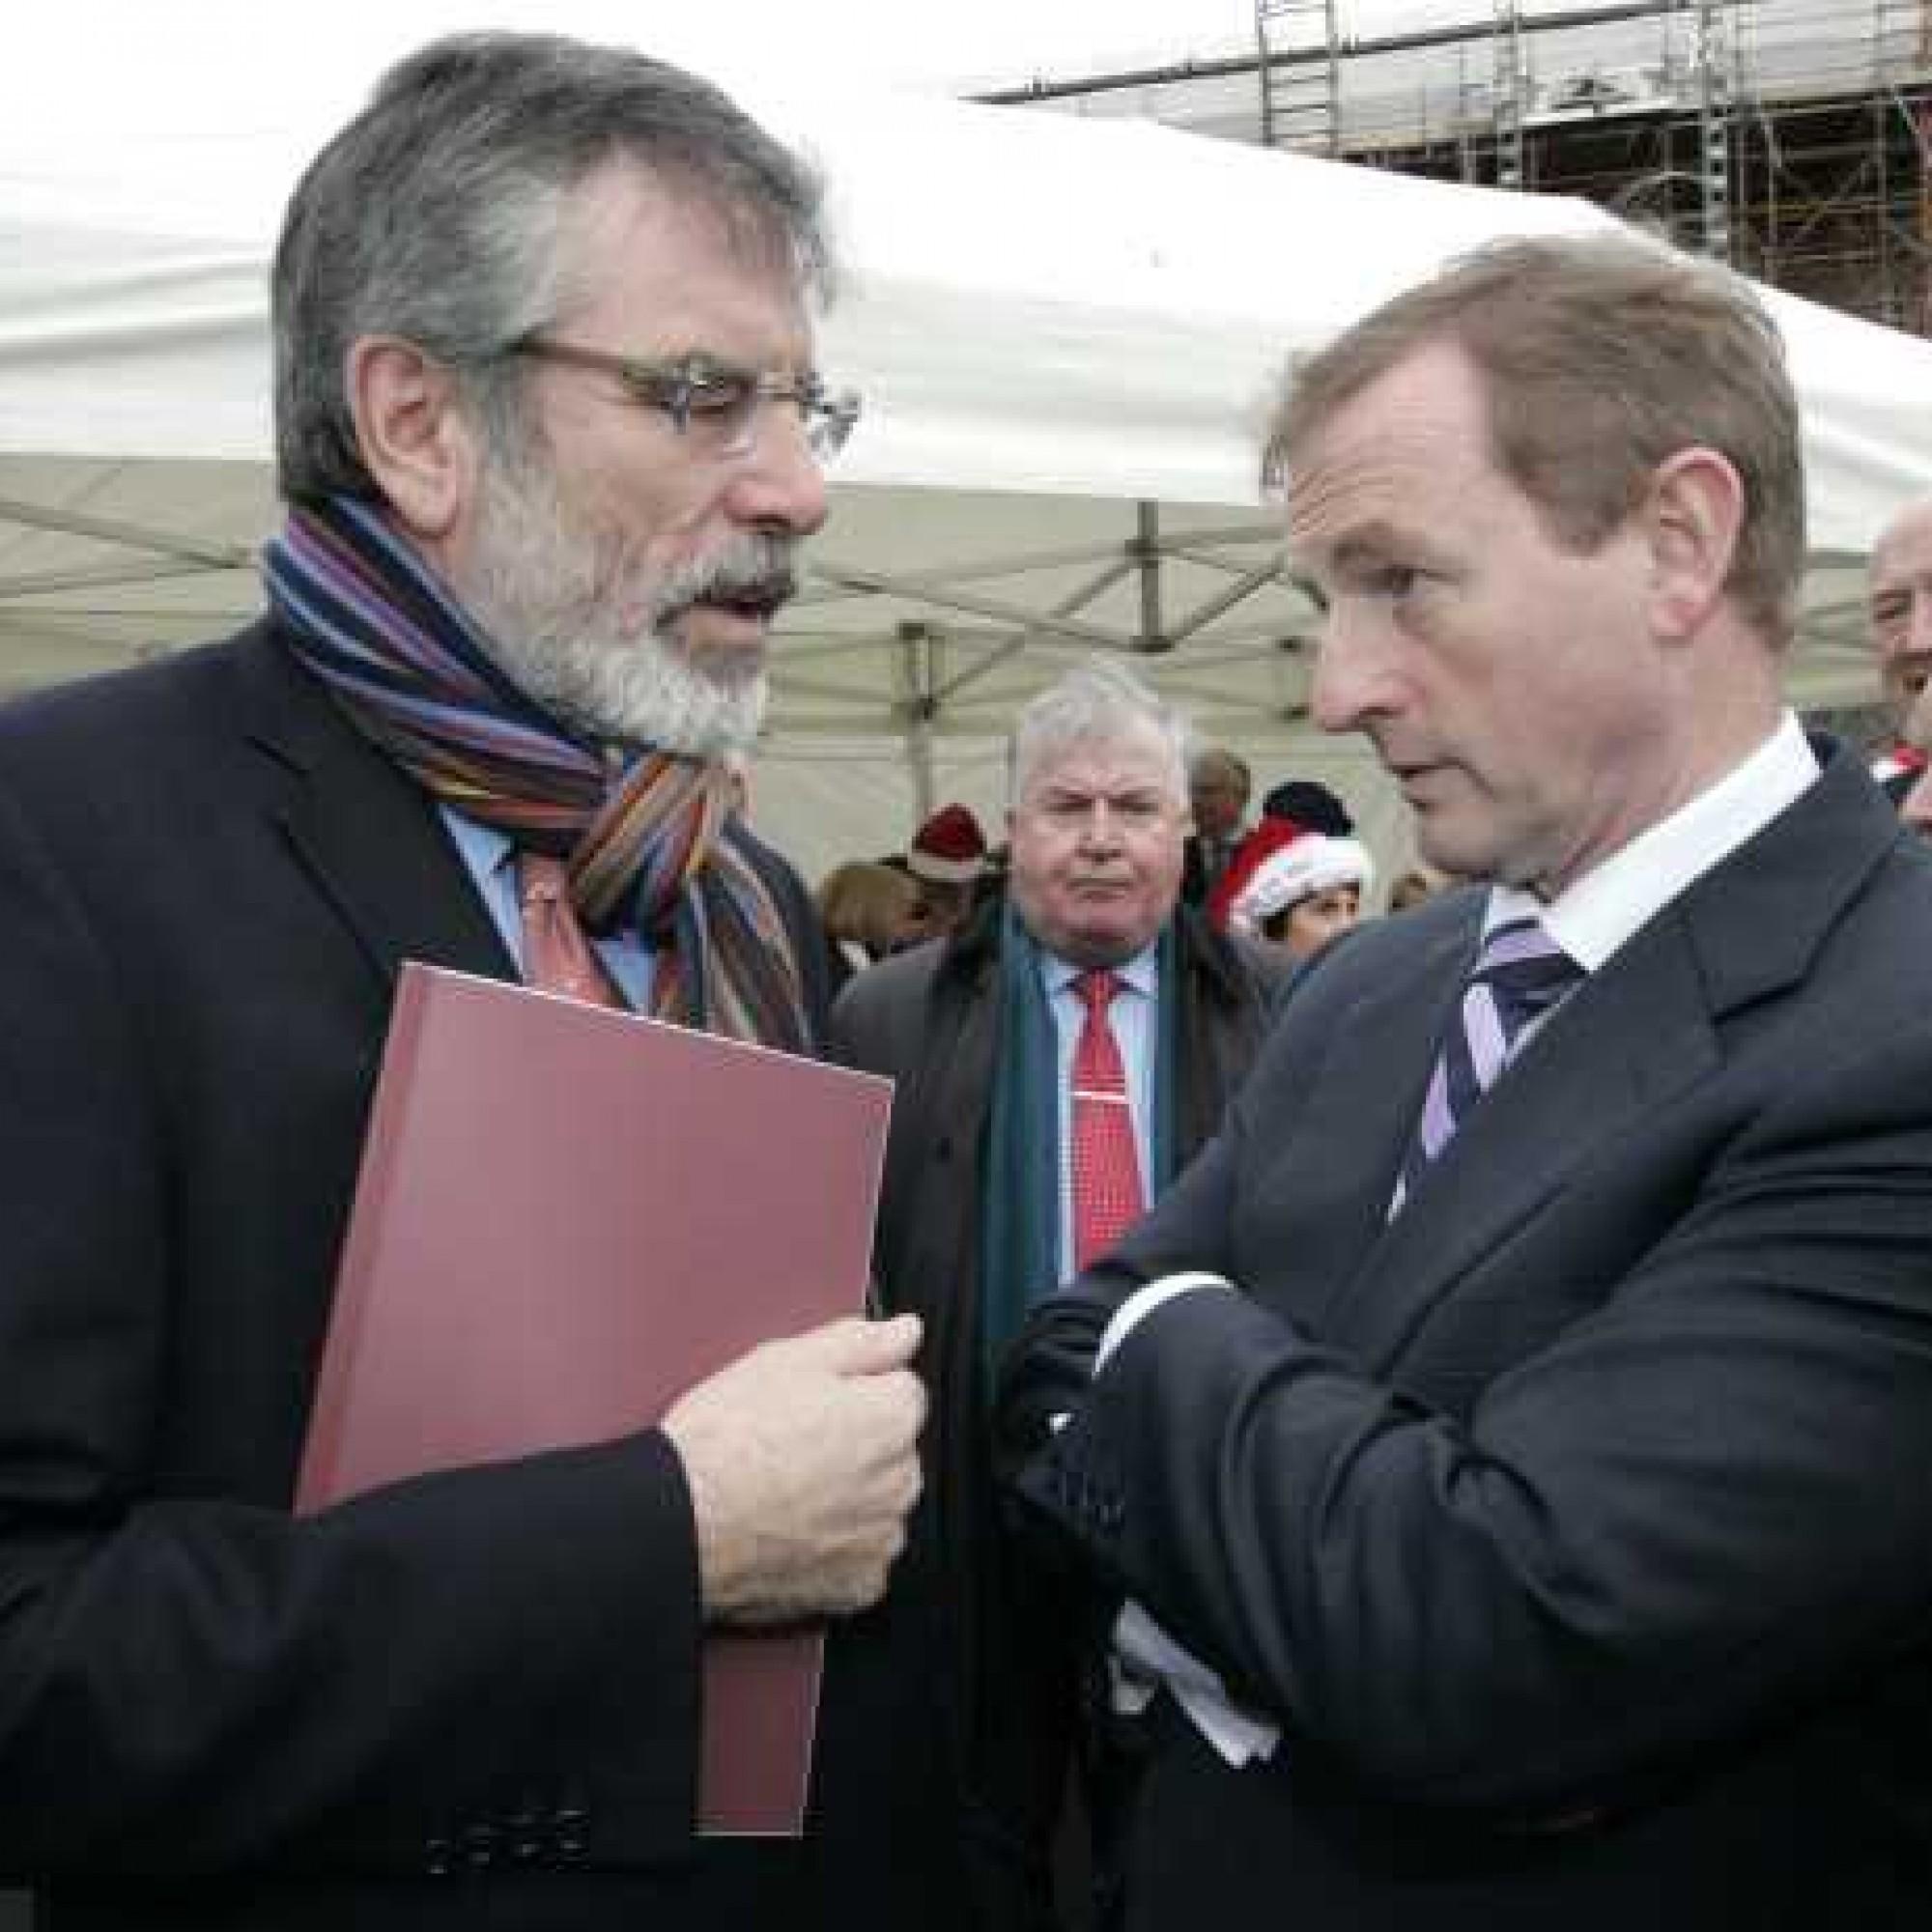 Fine Gael slumps as Sinn Féin rises in latest poll